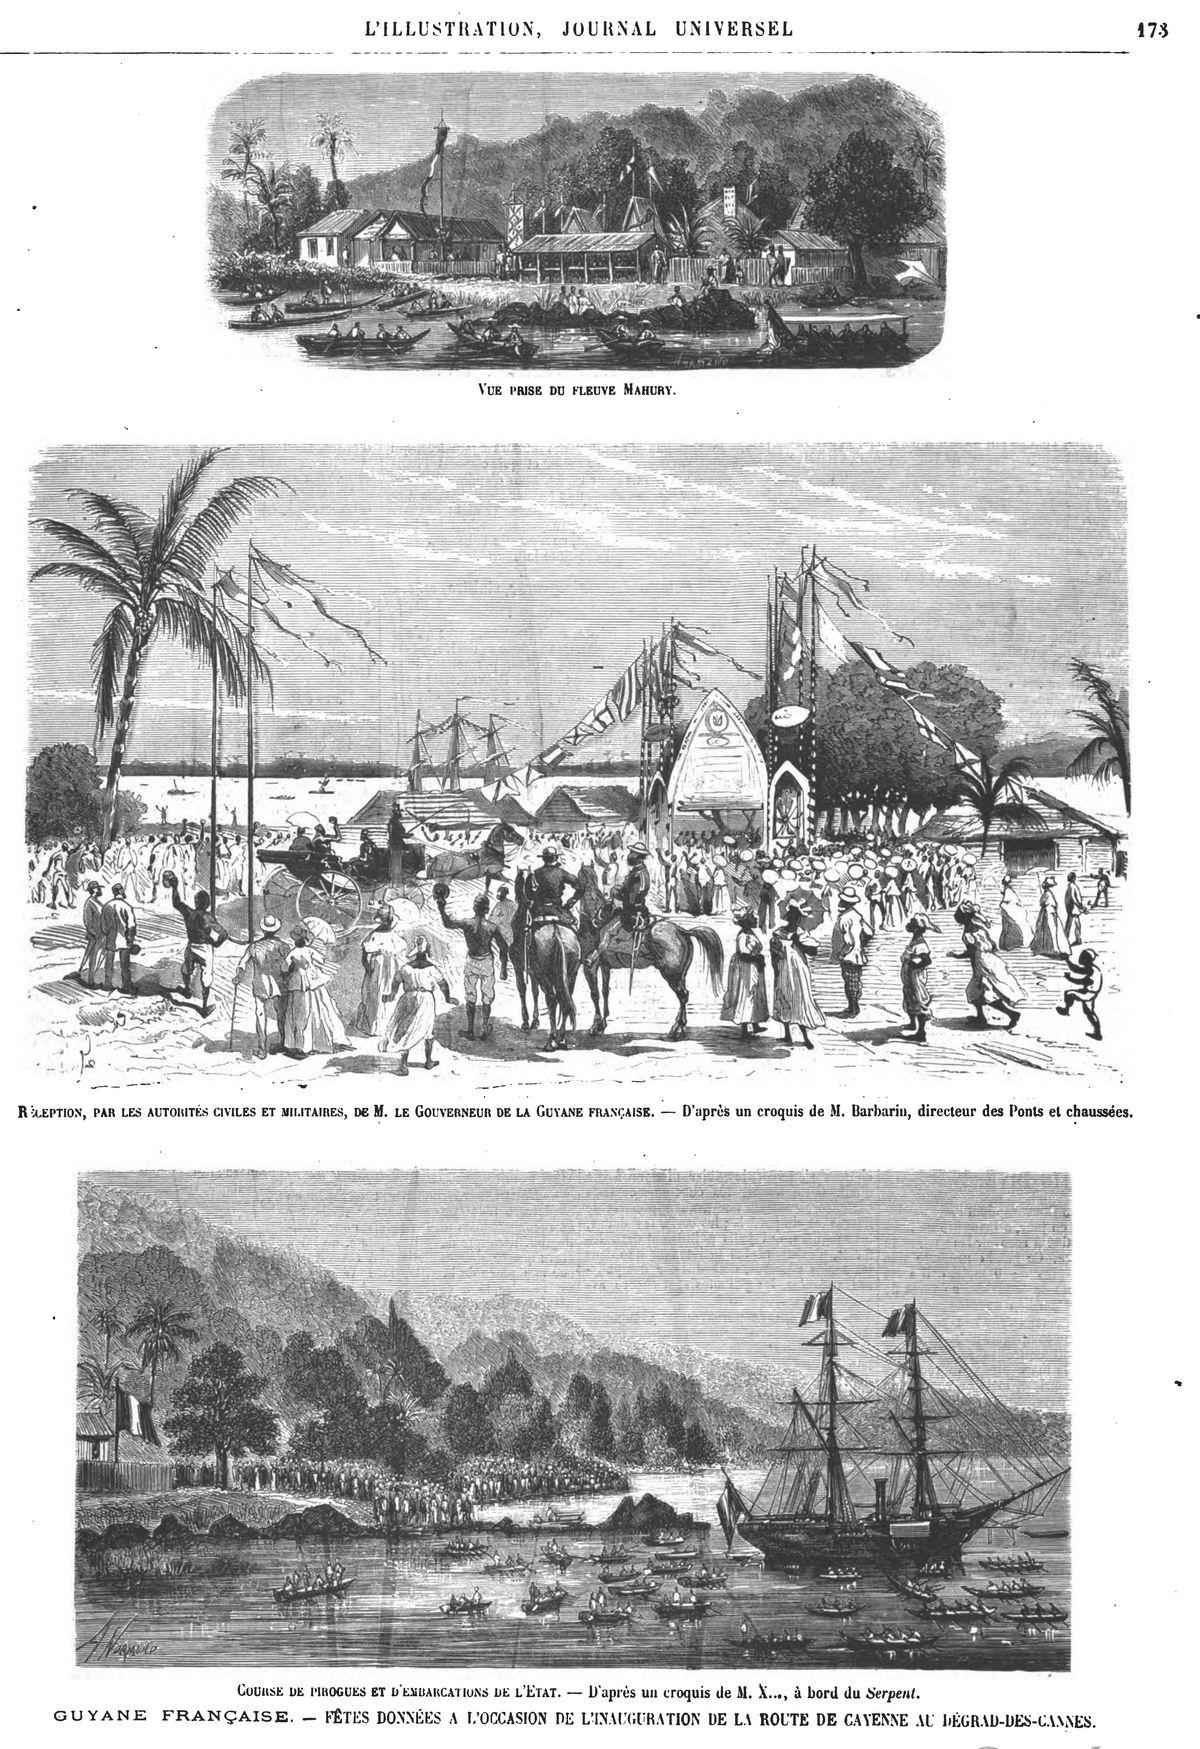 Guyane française : fêtes données à l'occasion de l'inauguration de la route de Cayenne au Dégrad-des-Cannes (3 gravures) Gravures 1874